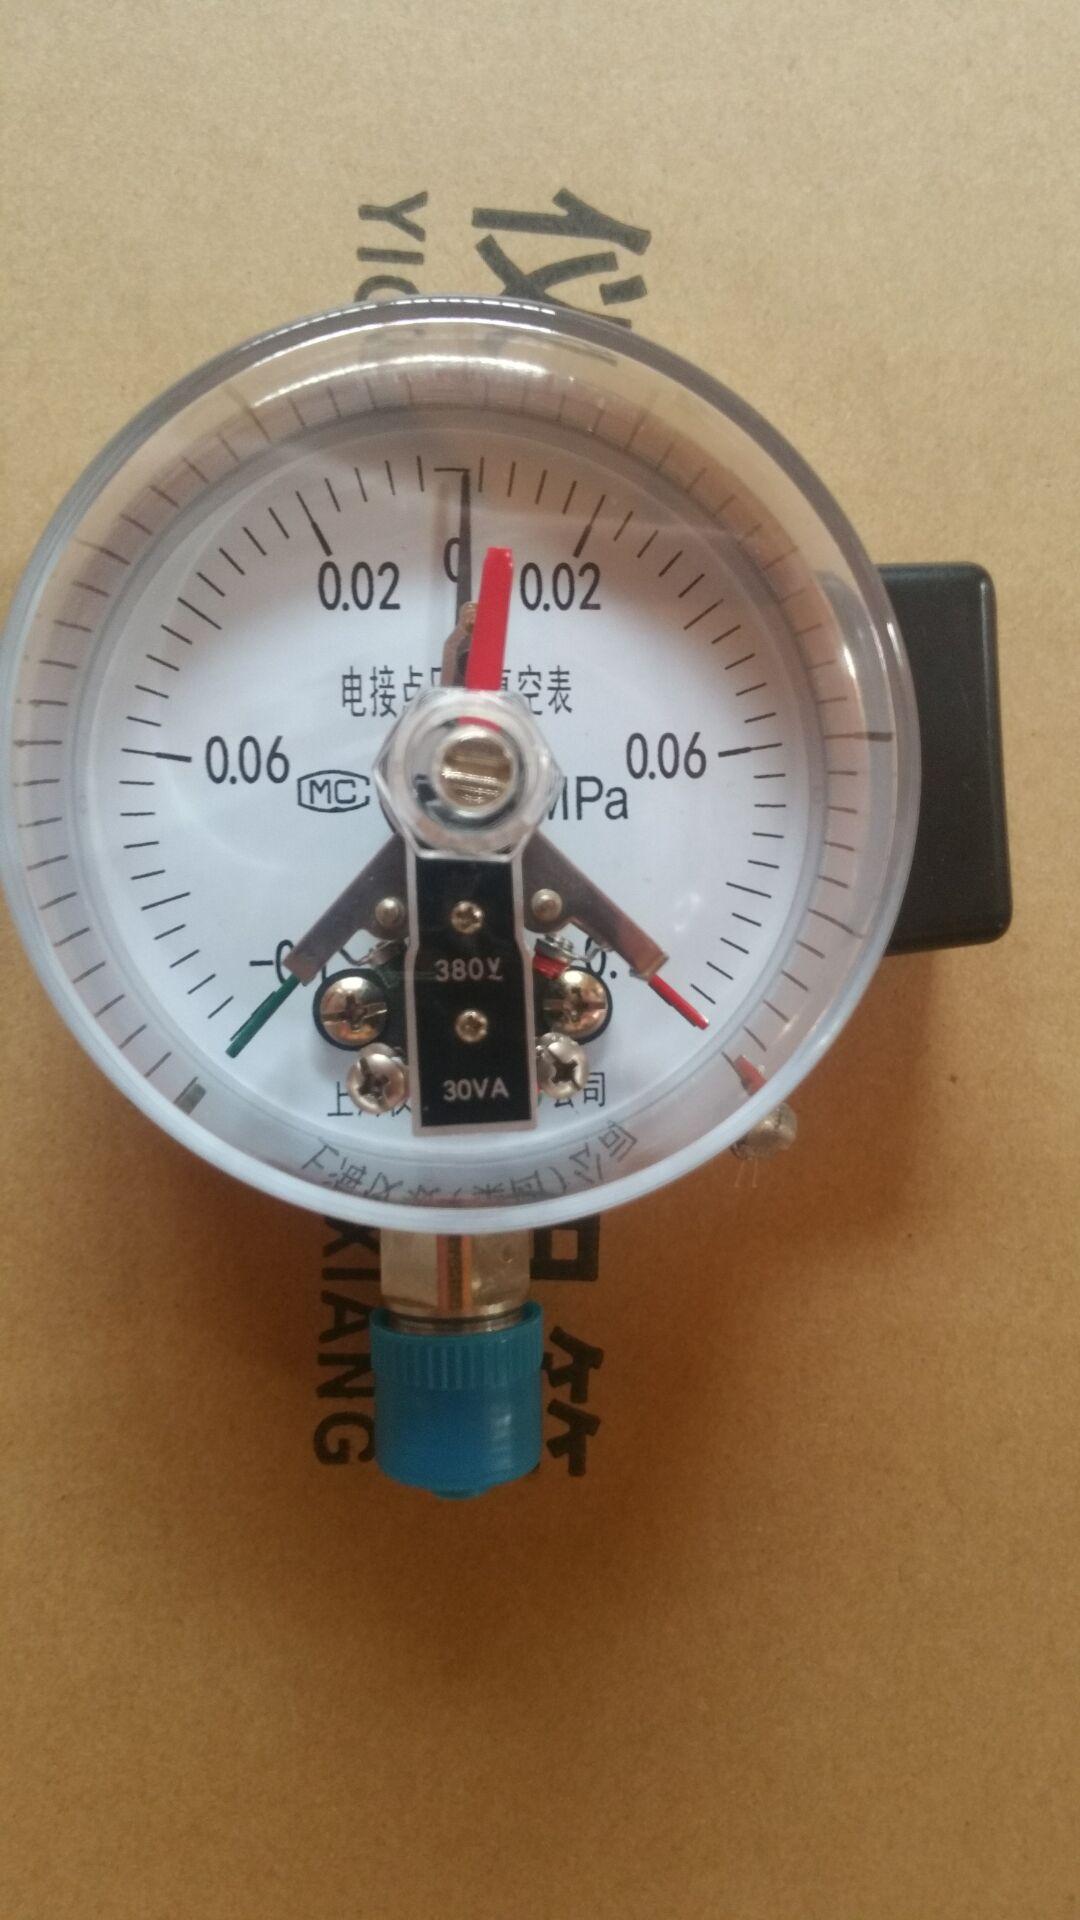 电接点压力表图解_电接点压力表资料